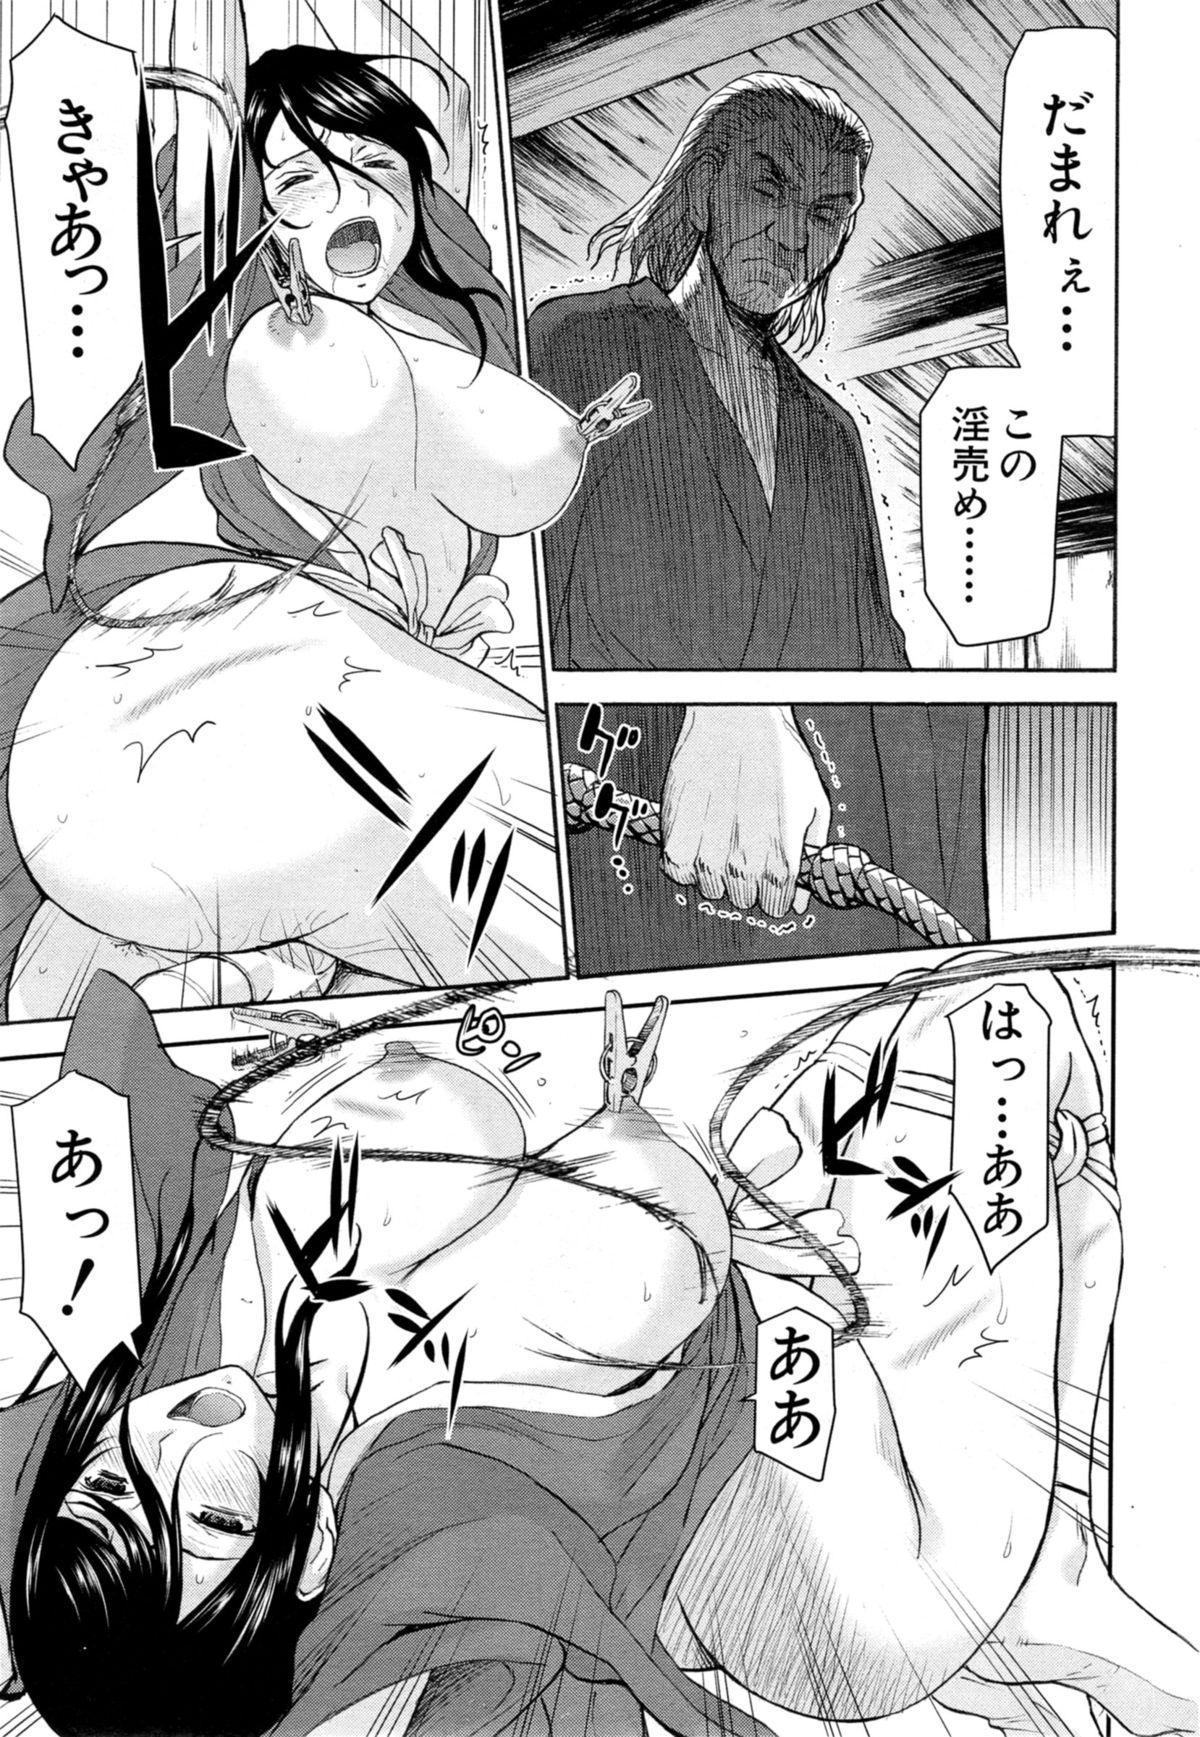 Zashikihime no Omocha Ch. 1-2 9